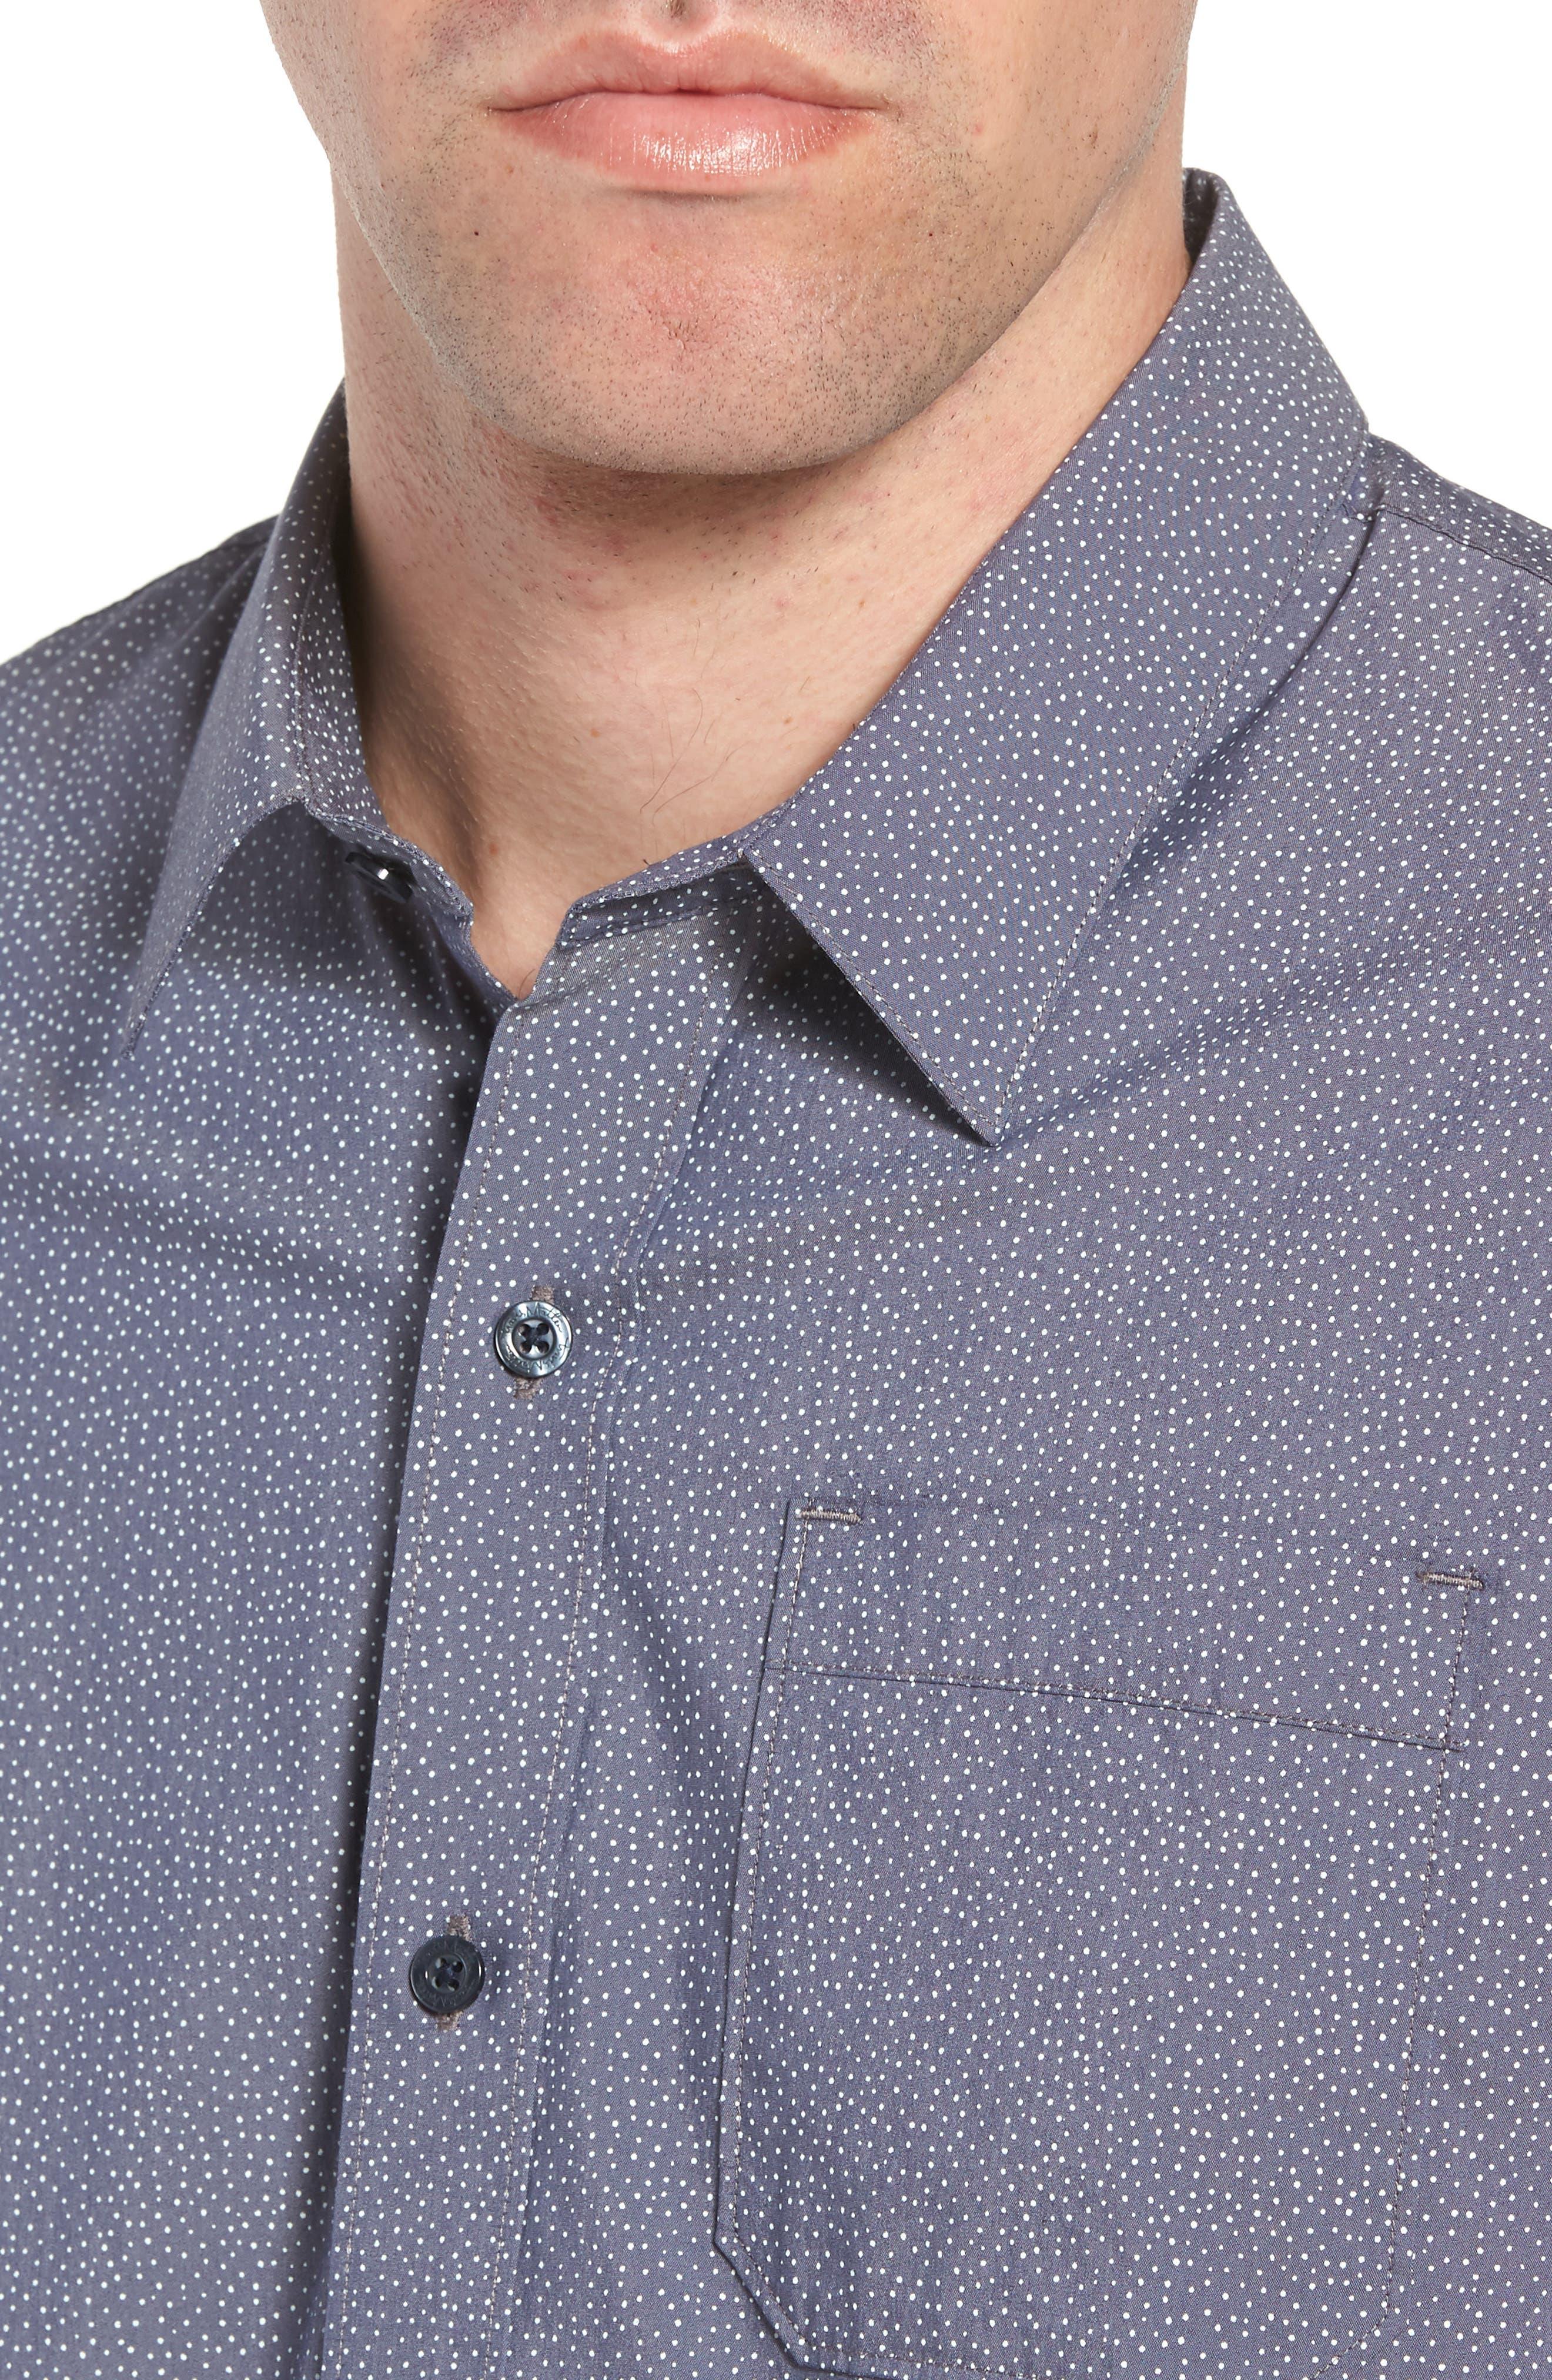 Particles Spot Print Sport Shirt,                             Alternate thumbnail 4, color,                             400